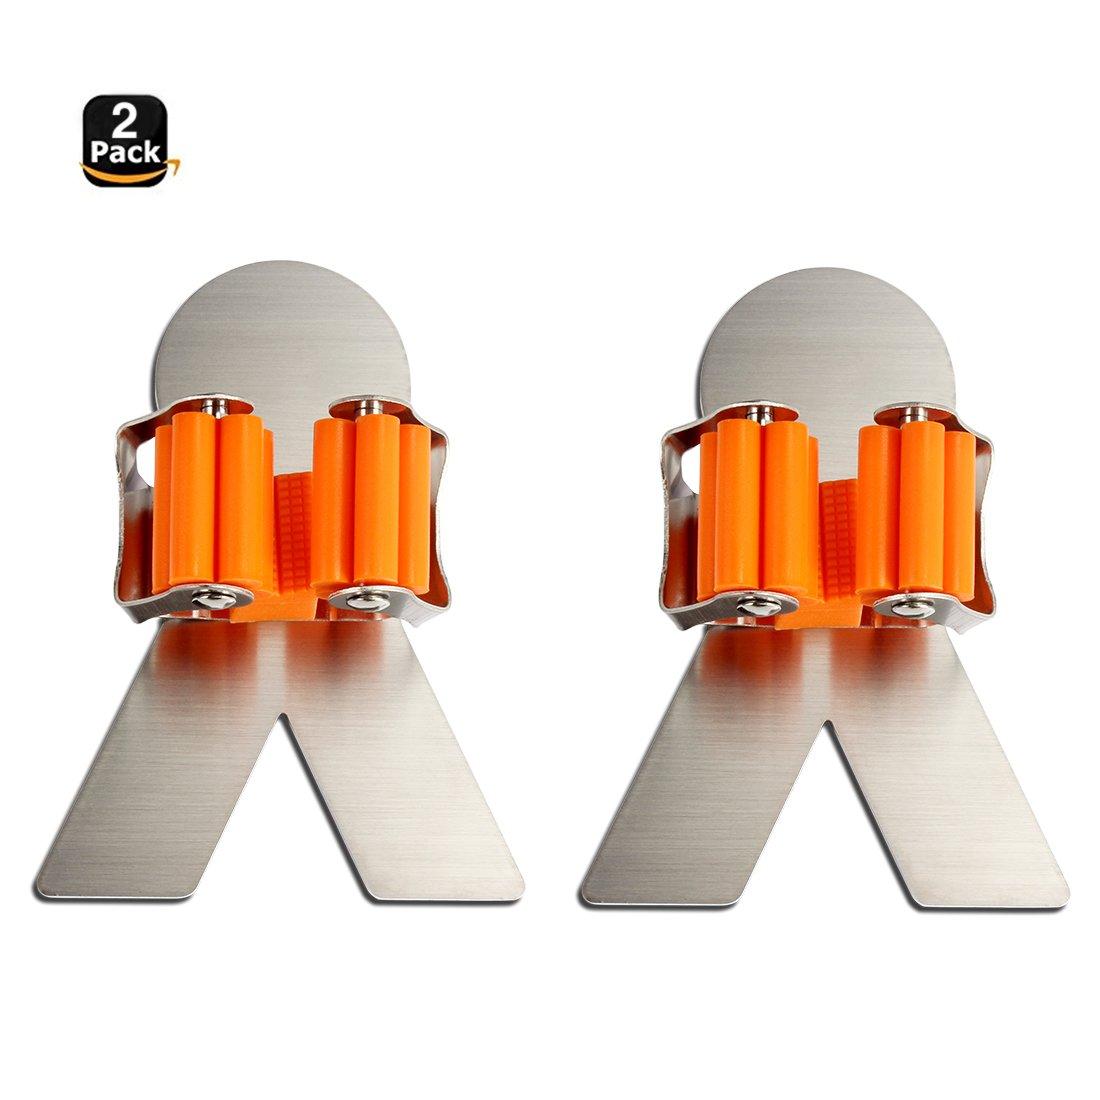 JIEXIN Stainless Steel Mop Broom Holder Racks Adhesive Wall Mount Bathroom Storage Organizer Mop Hanger (2 Pack)